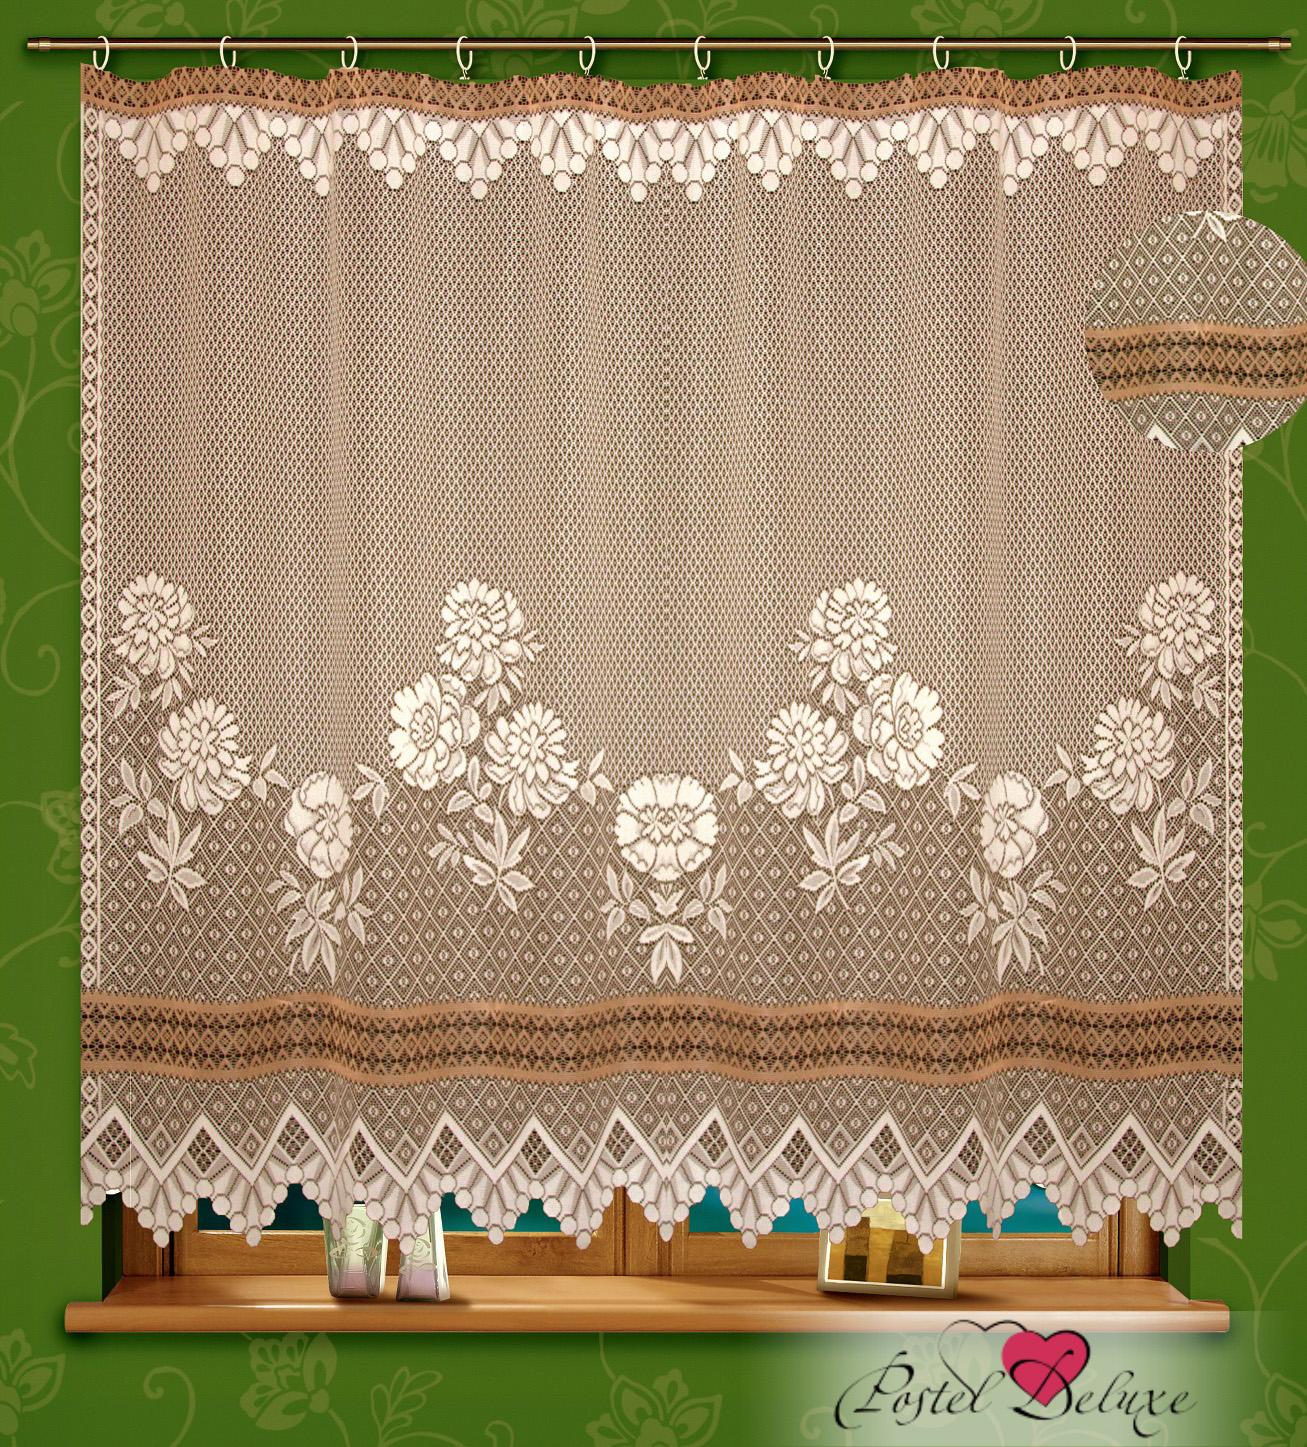 Шторы Elegante Классические шторы Ayktai Цвет: Кремовый/Коричневый шторы tac классические шторы winx цвет персиковый 200x265 см